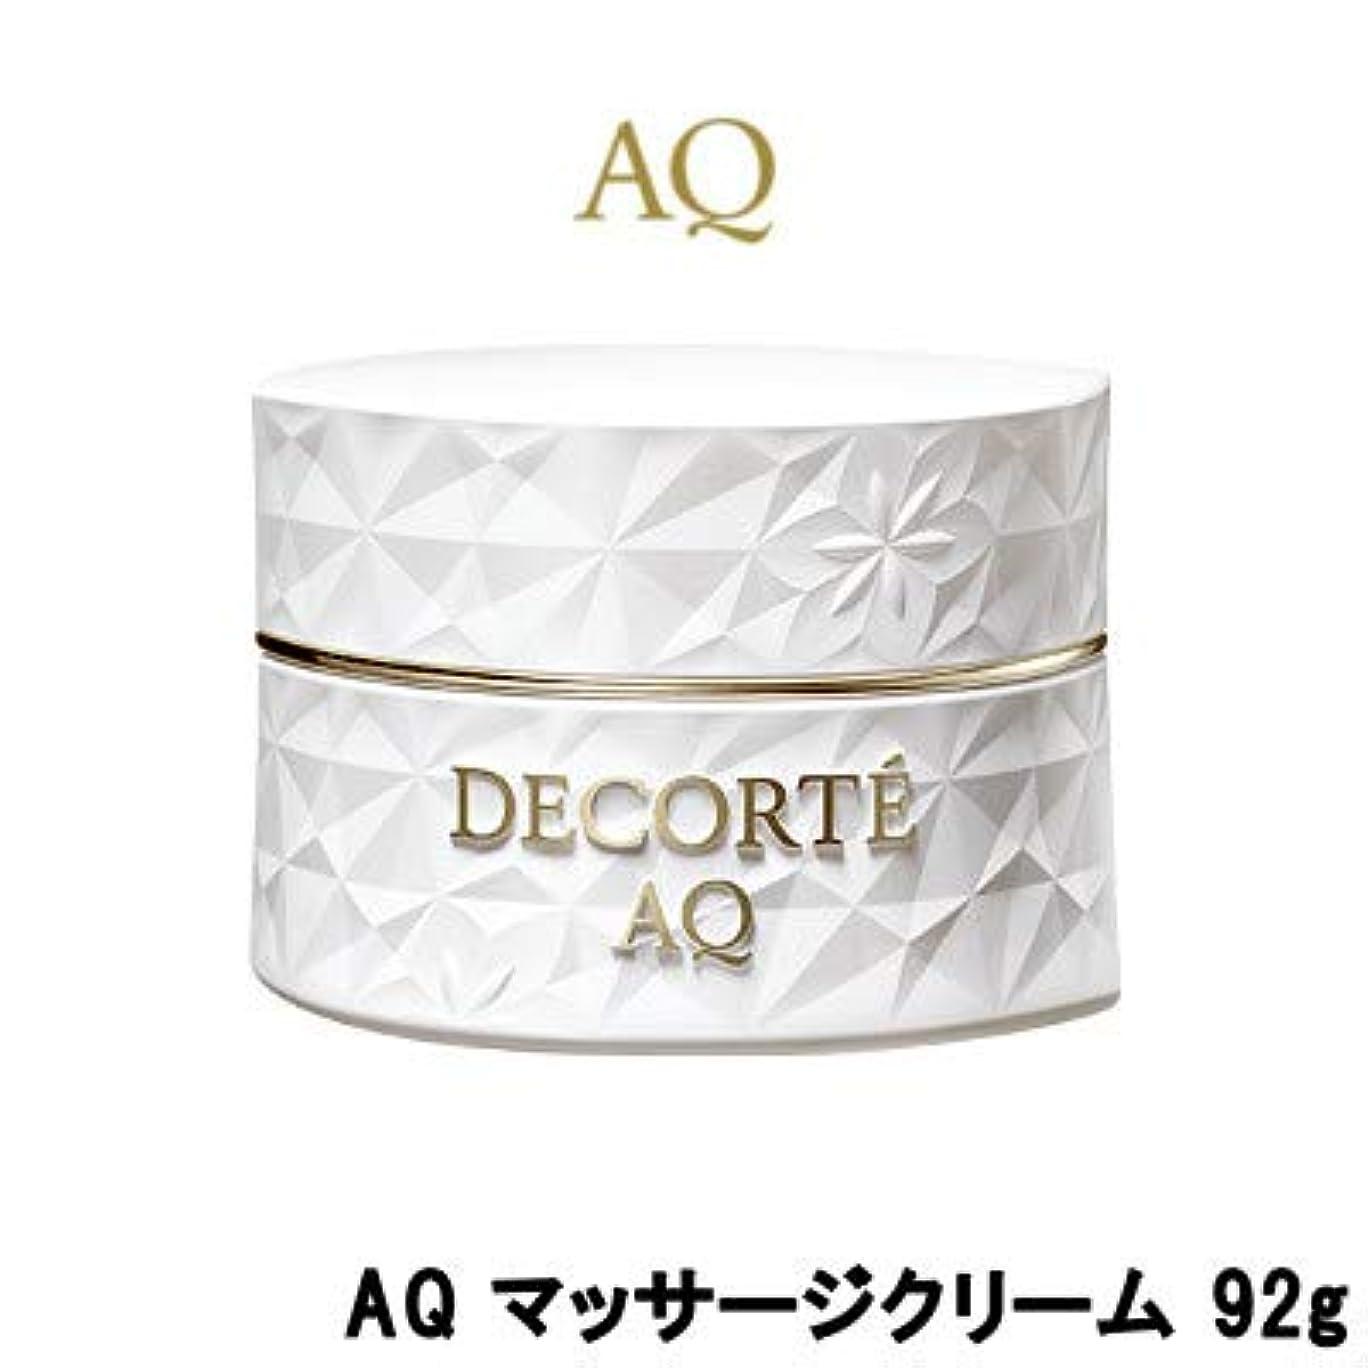 コスメデコルテ AQ マッサージクリーム(92g)